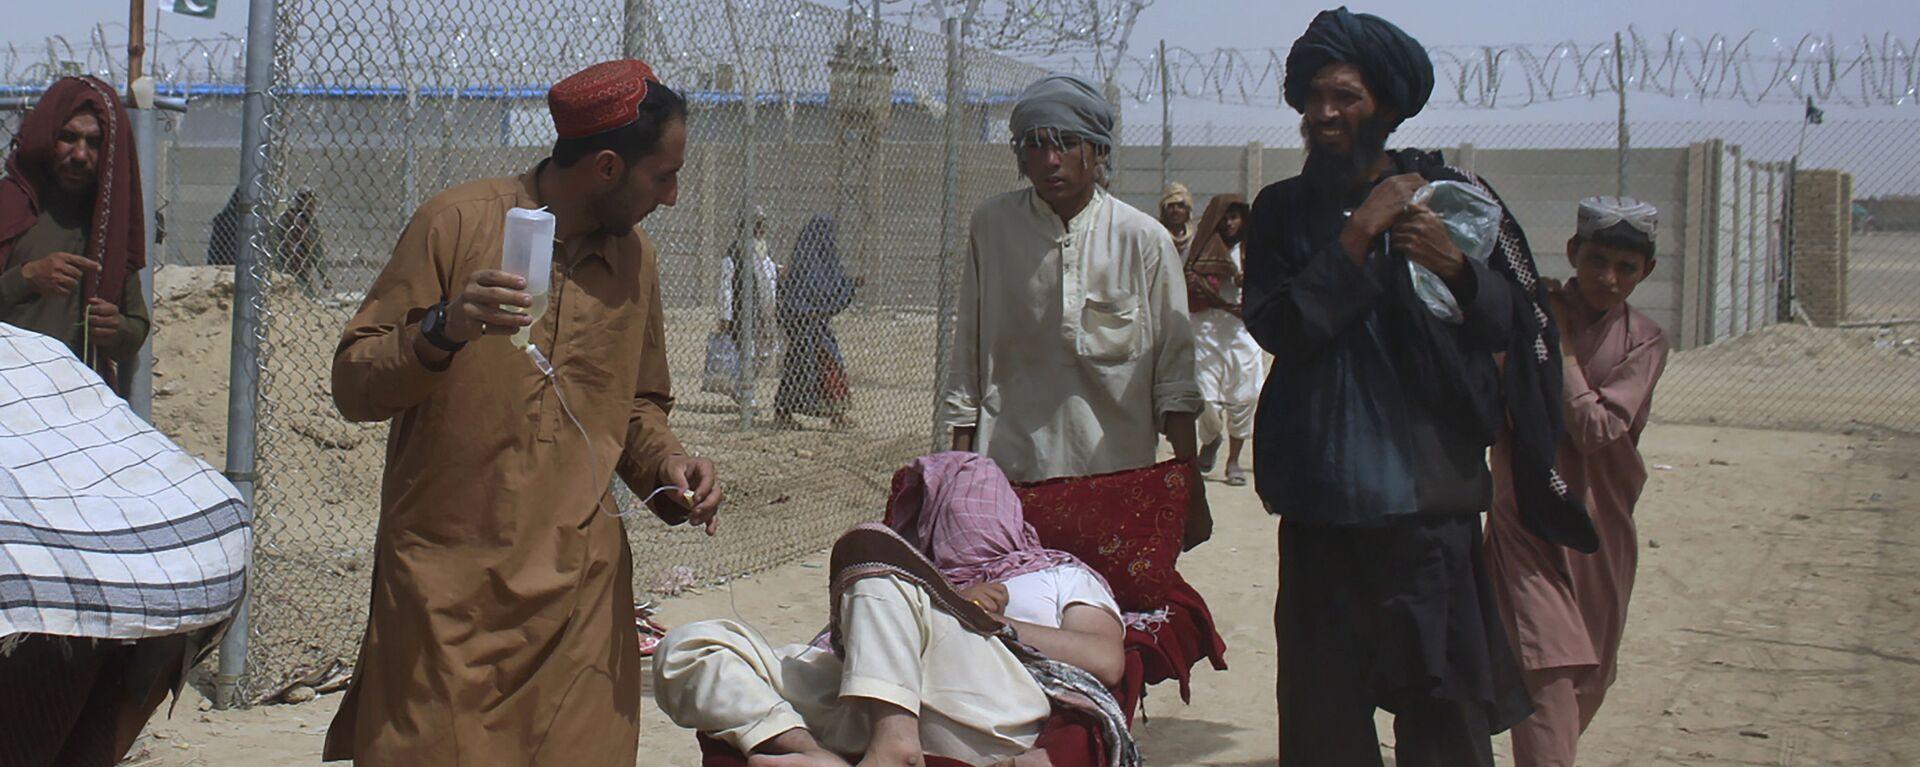 Афганские беженцы въезжают в Пакистан через пограничный переход в Чамане - Sputnik Ўзбекистон, 1920, 26.08.2021